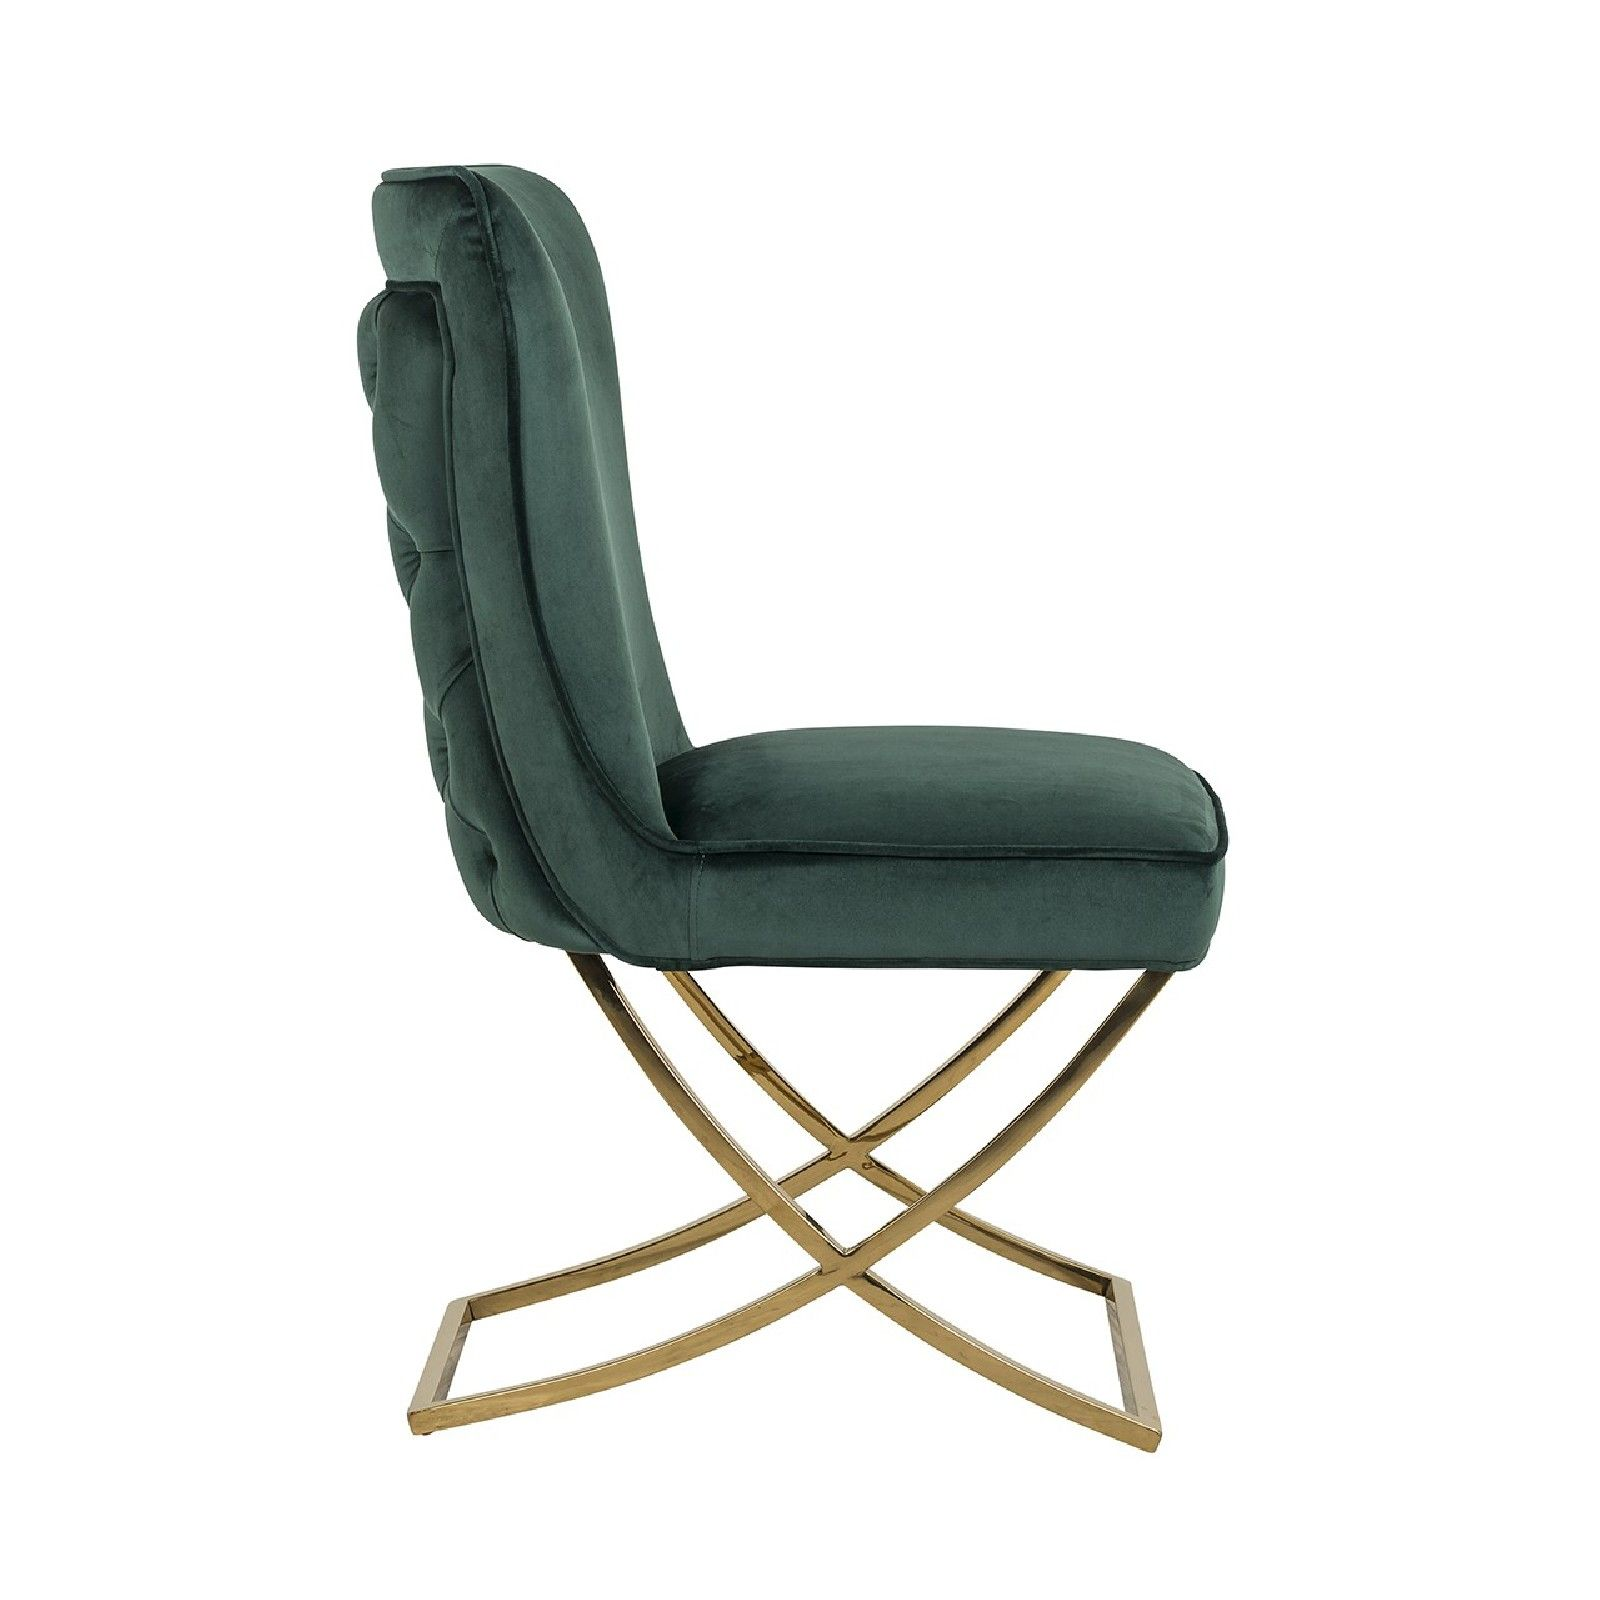 Chaise Scarlett Green velvet / gold Salle à manger - 102